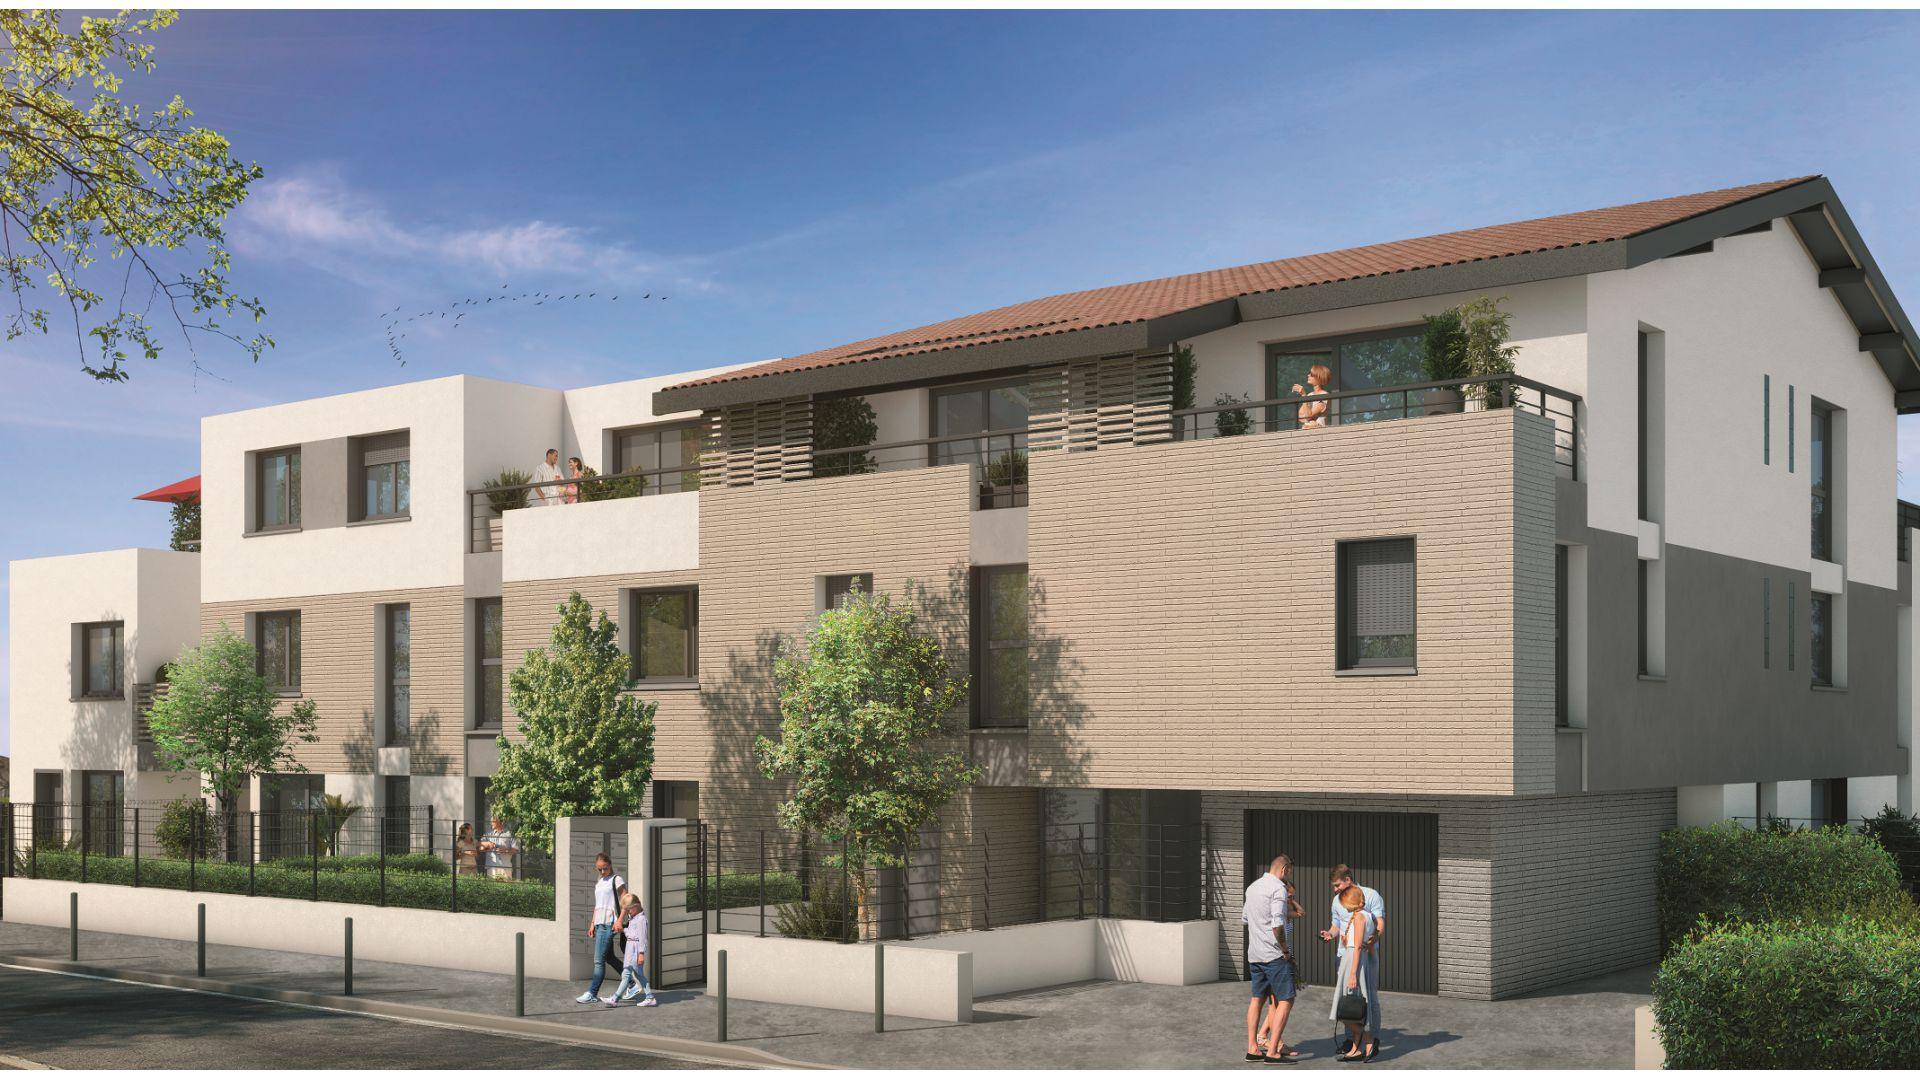 GreenCity immobilier - Toulouse rangueil 31400 - Le clos Juliette - appartements du T2 au T3duplex